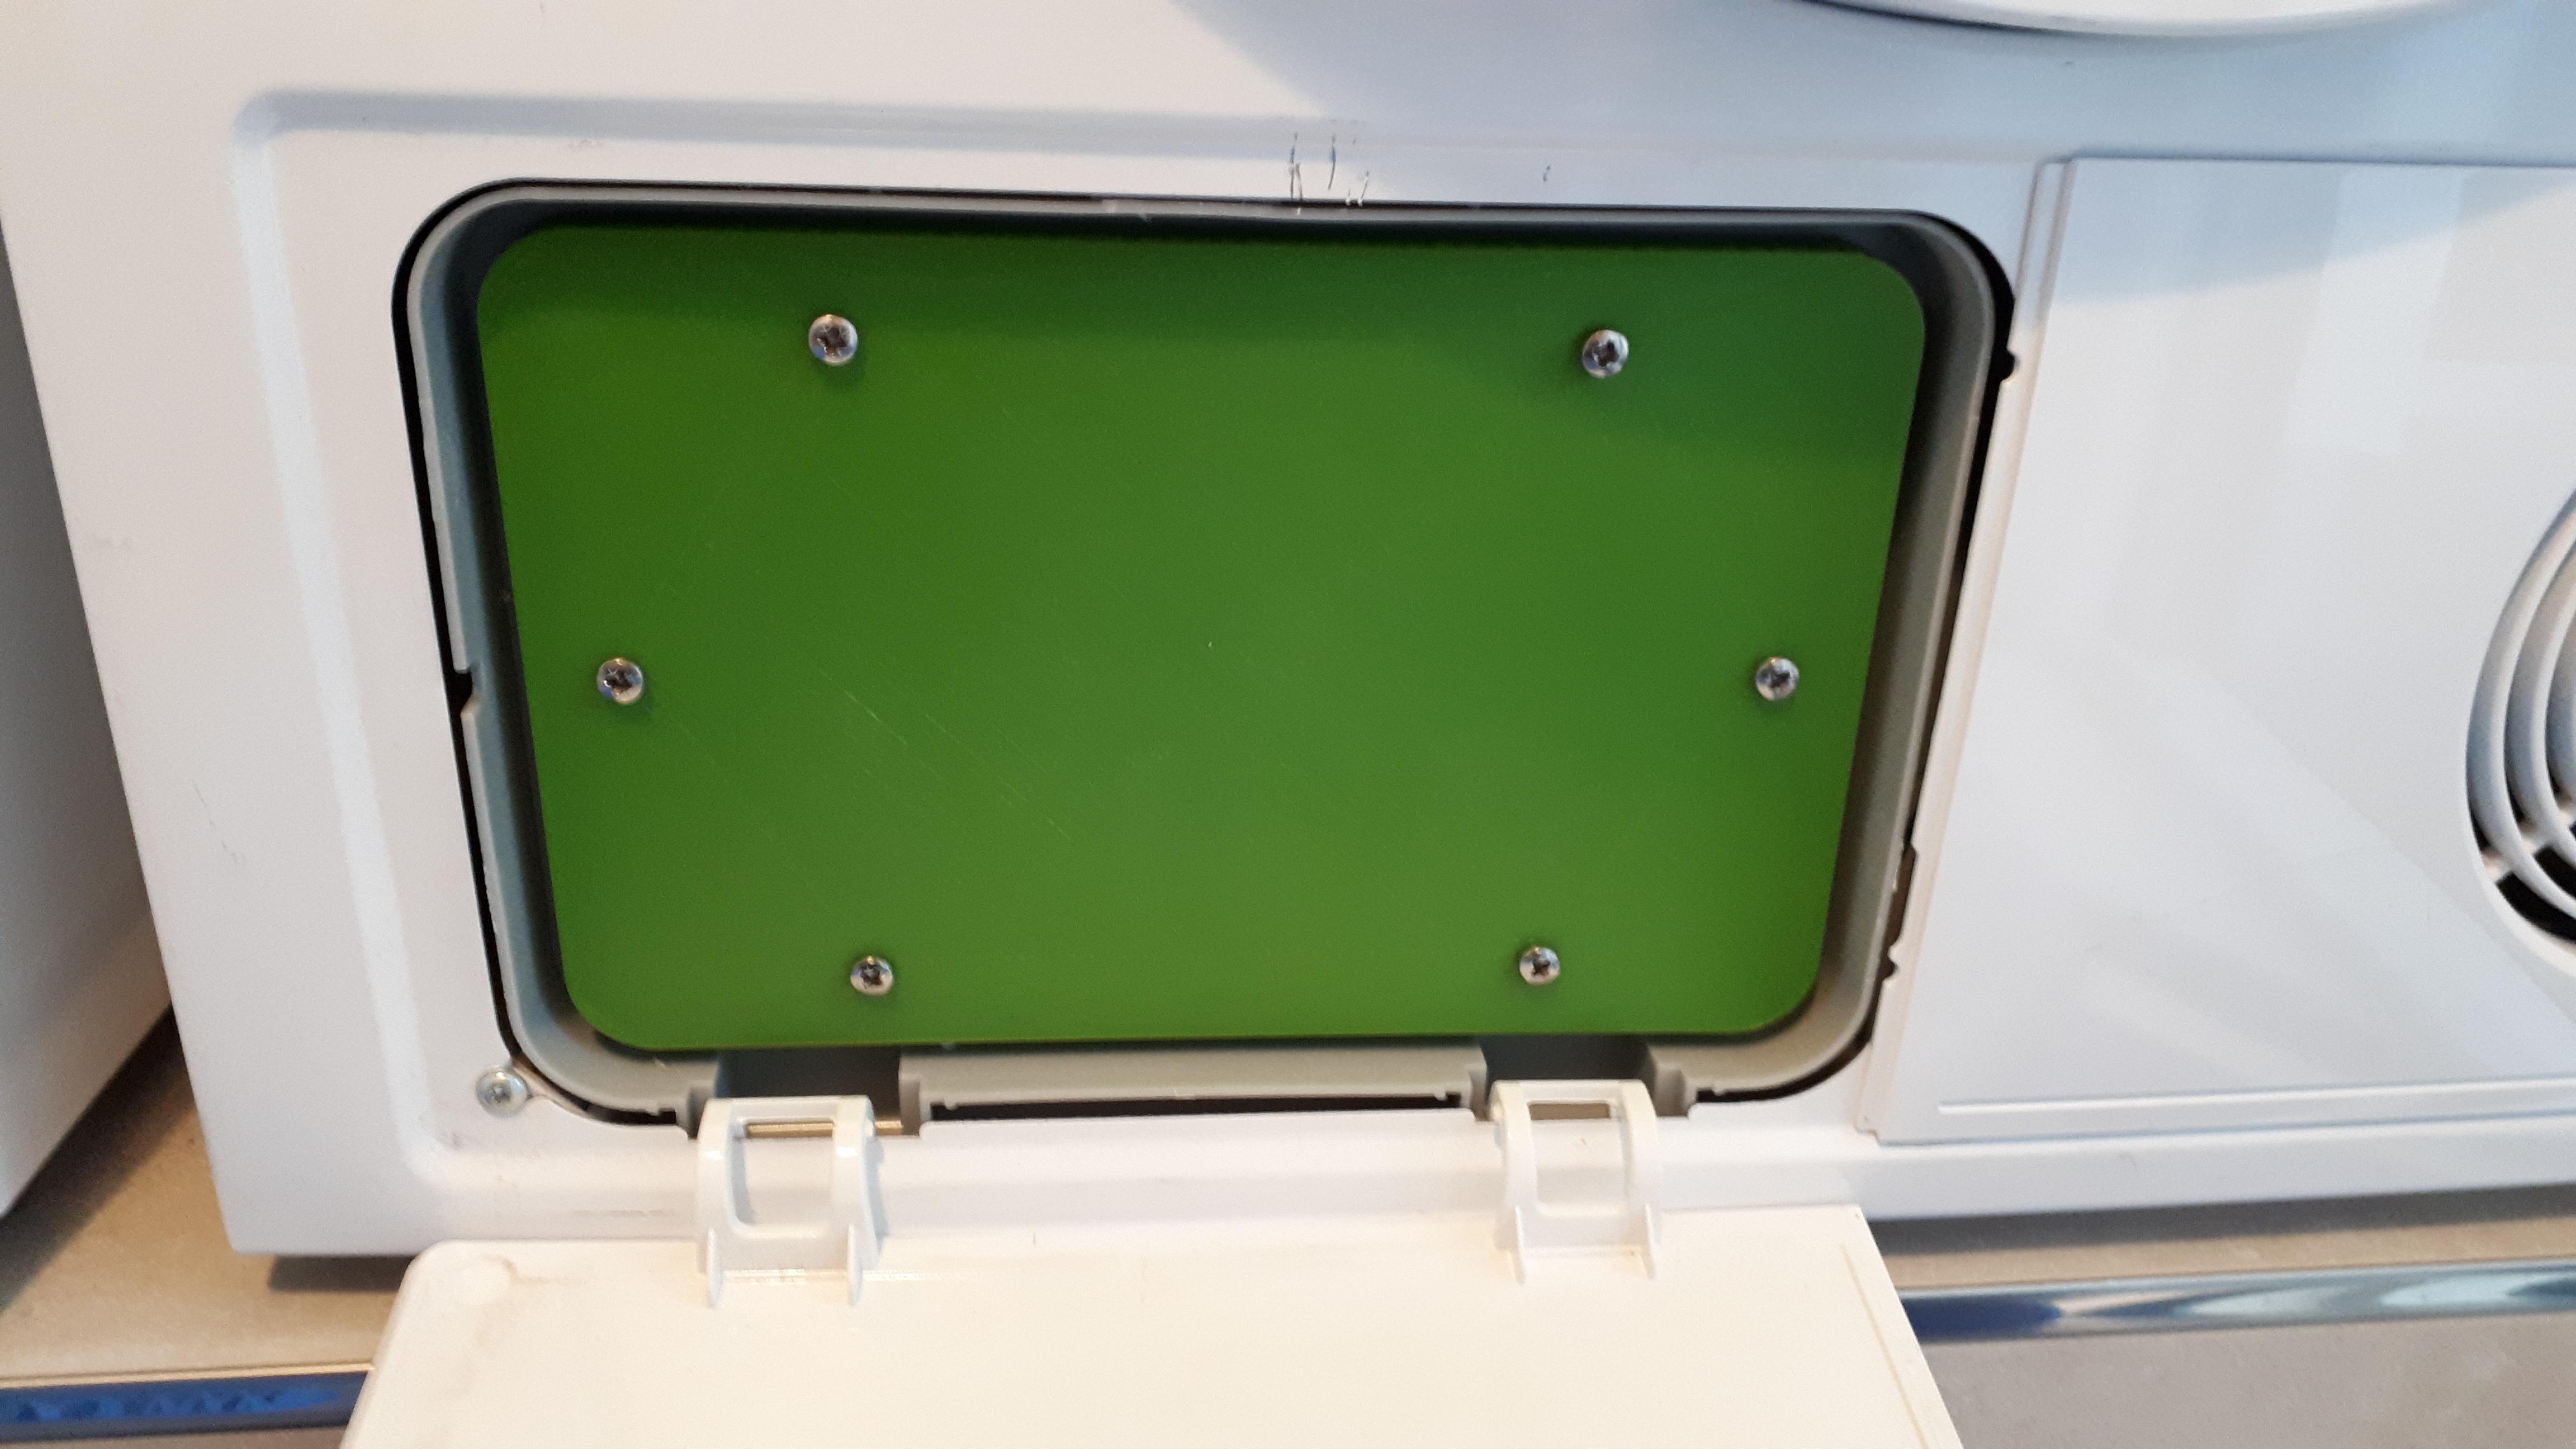 Maintenance Hatch For Siemens Iq 500 Heat Pump Dryer By Poldi1001